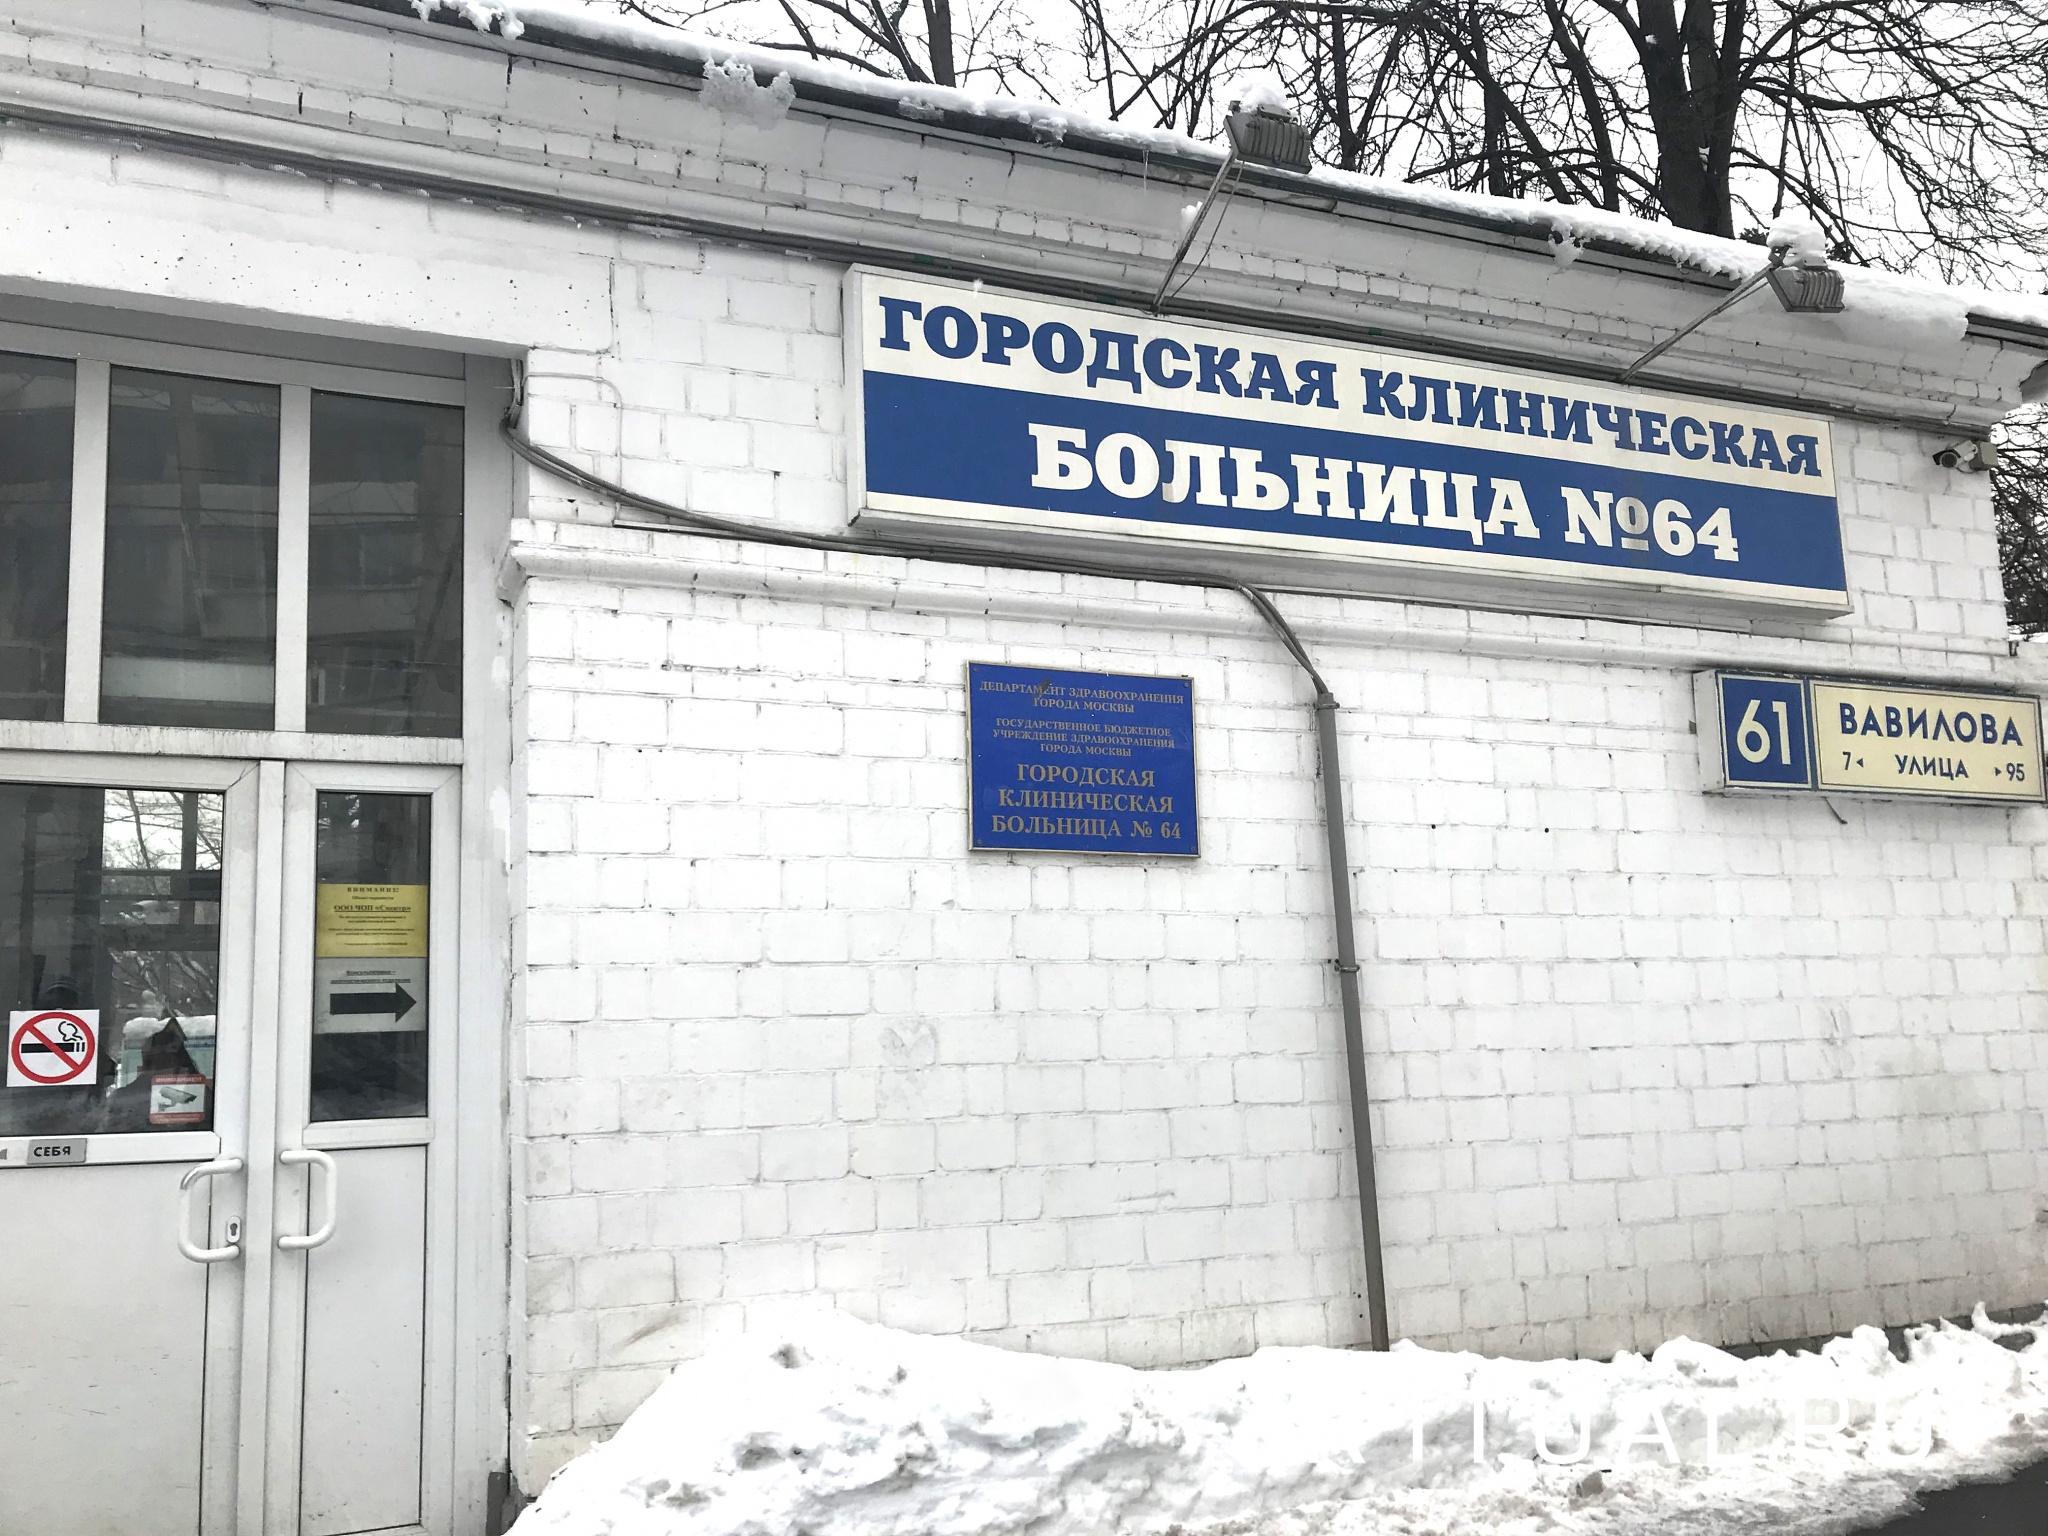 Гкб 40 москва официальный сайт схема проезда фото 440